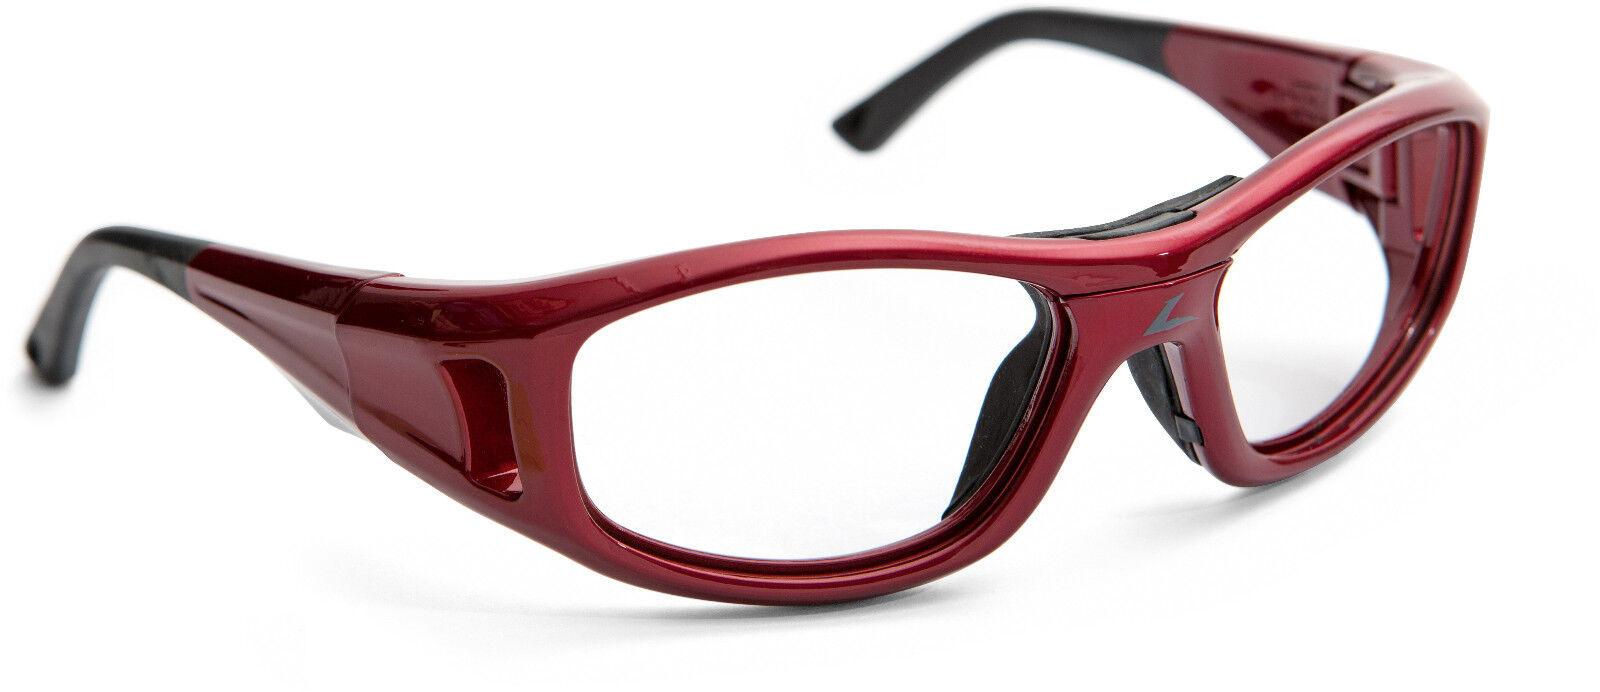 Verglasbare Sport gafas para niños niños niños Leader c2 unisex de plástico rojo gafas de sol  opciones a bajo precio